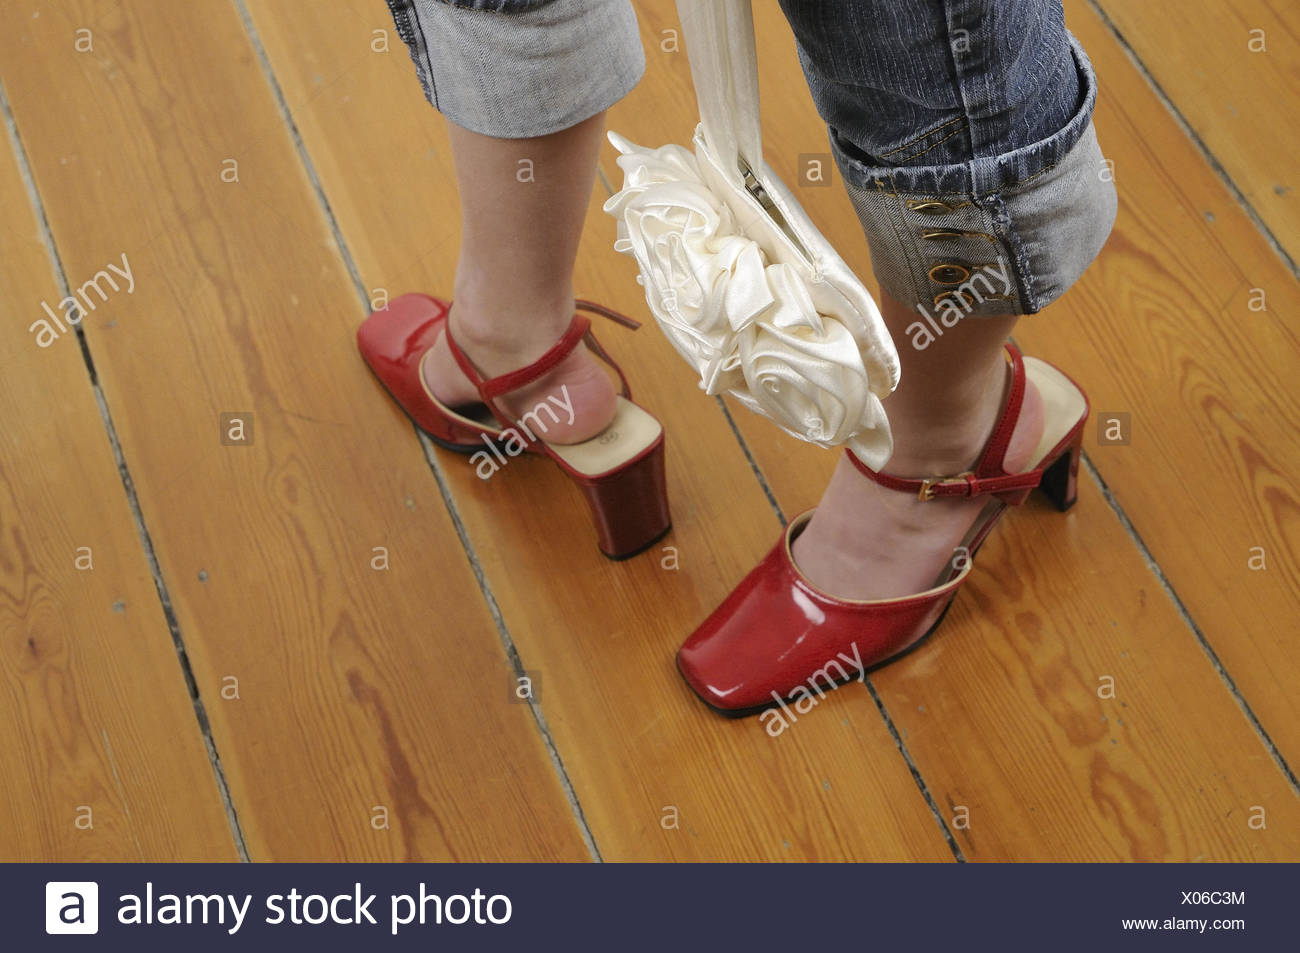 57d625e2 Las niñas, zapatos demasiado ampliamente, detalle, persona, niño, jugar,  panel